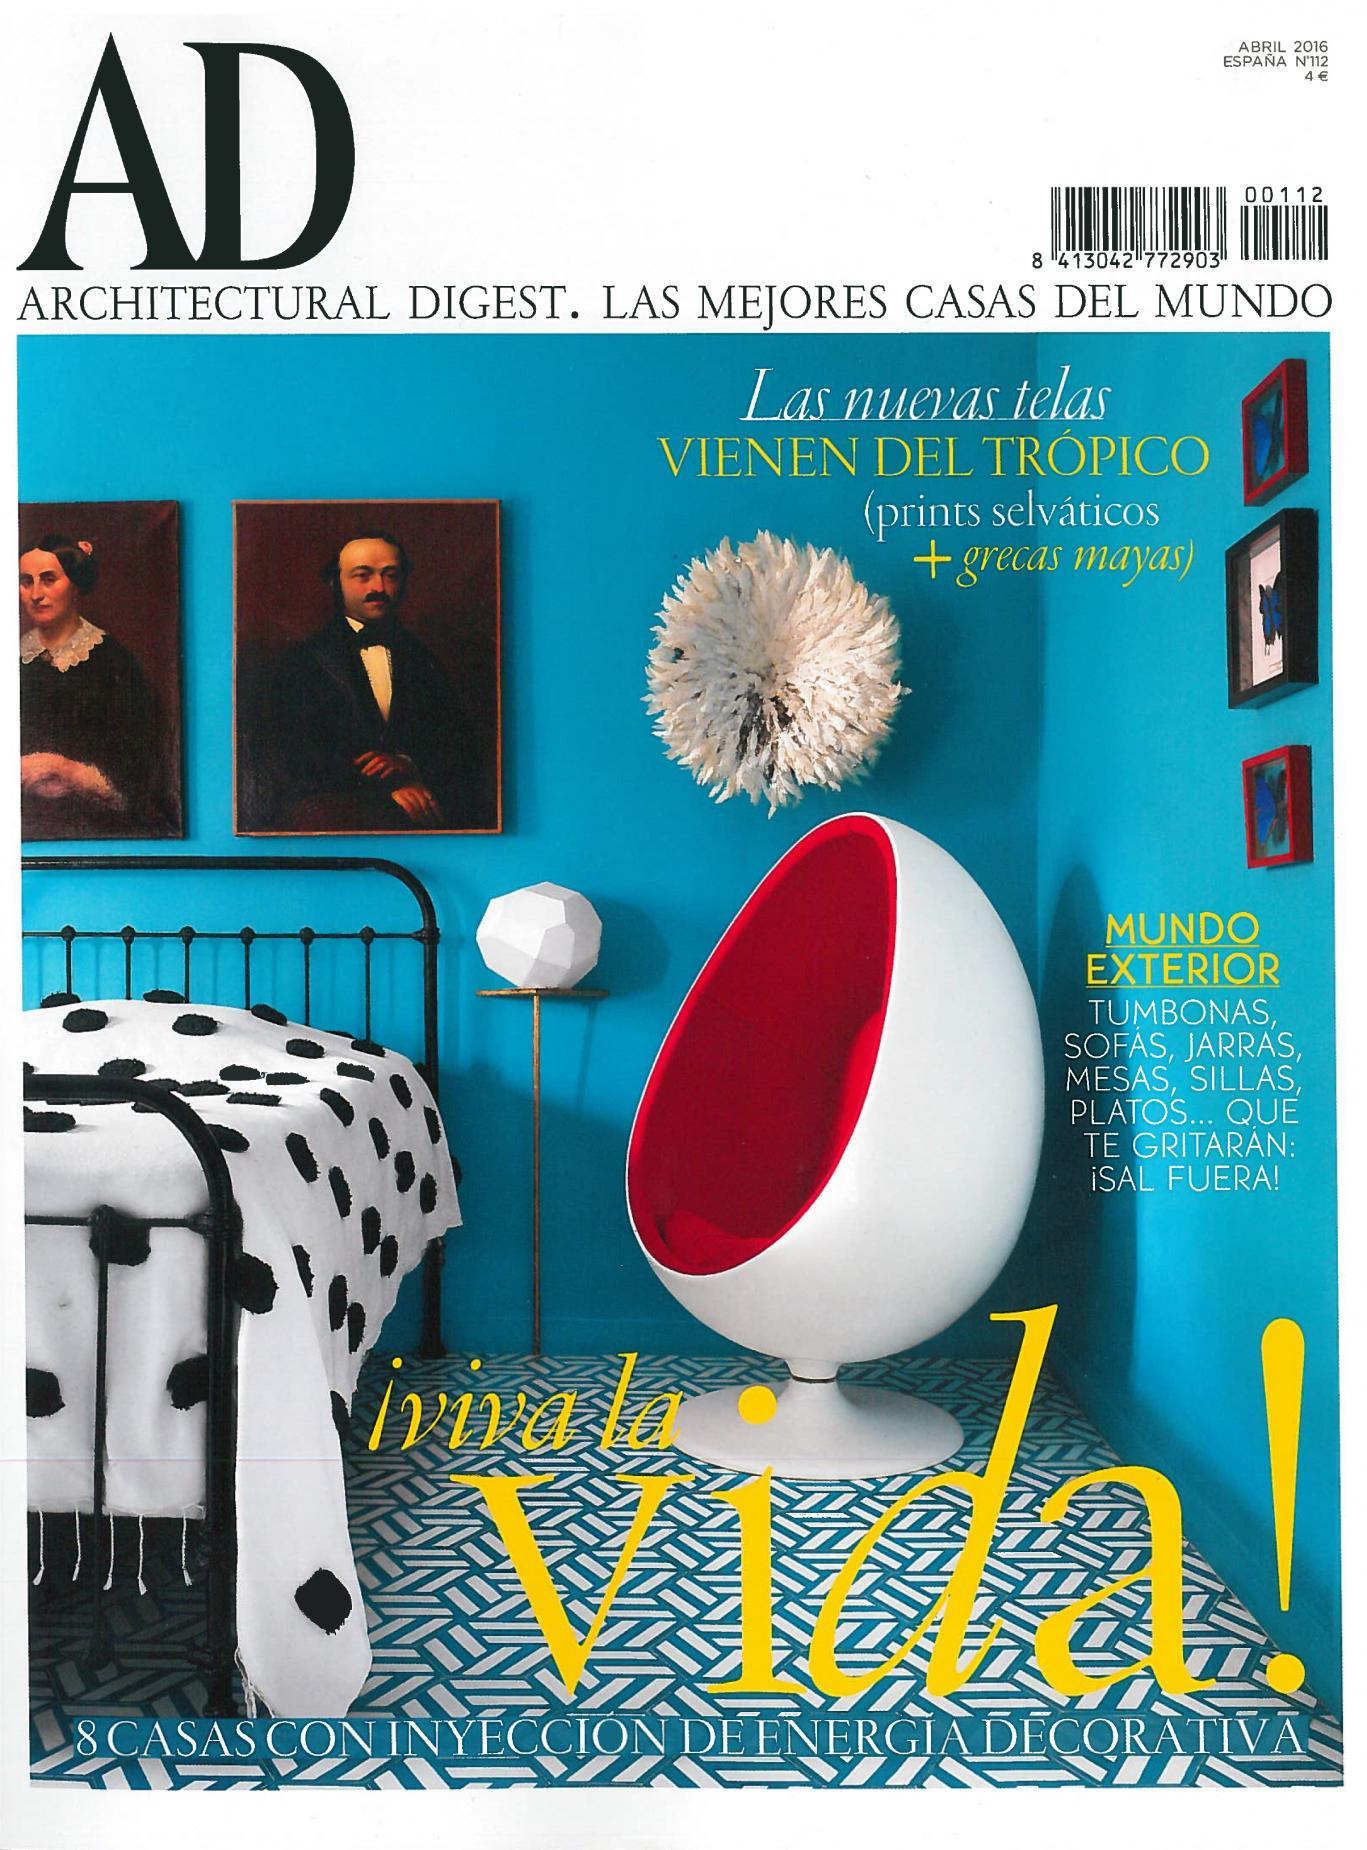 estudio vilablach en AD proyecto piso modernista barcelona